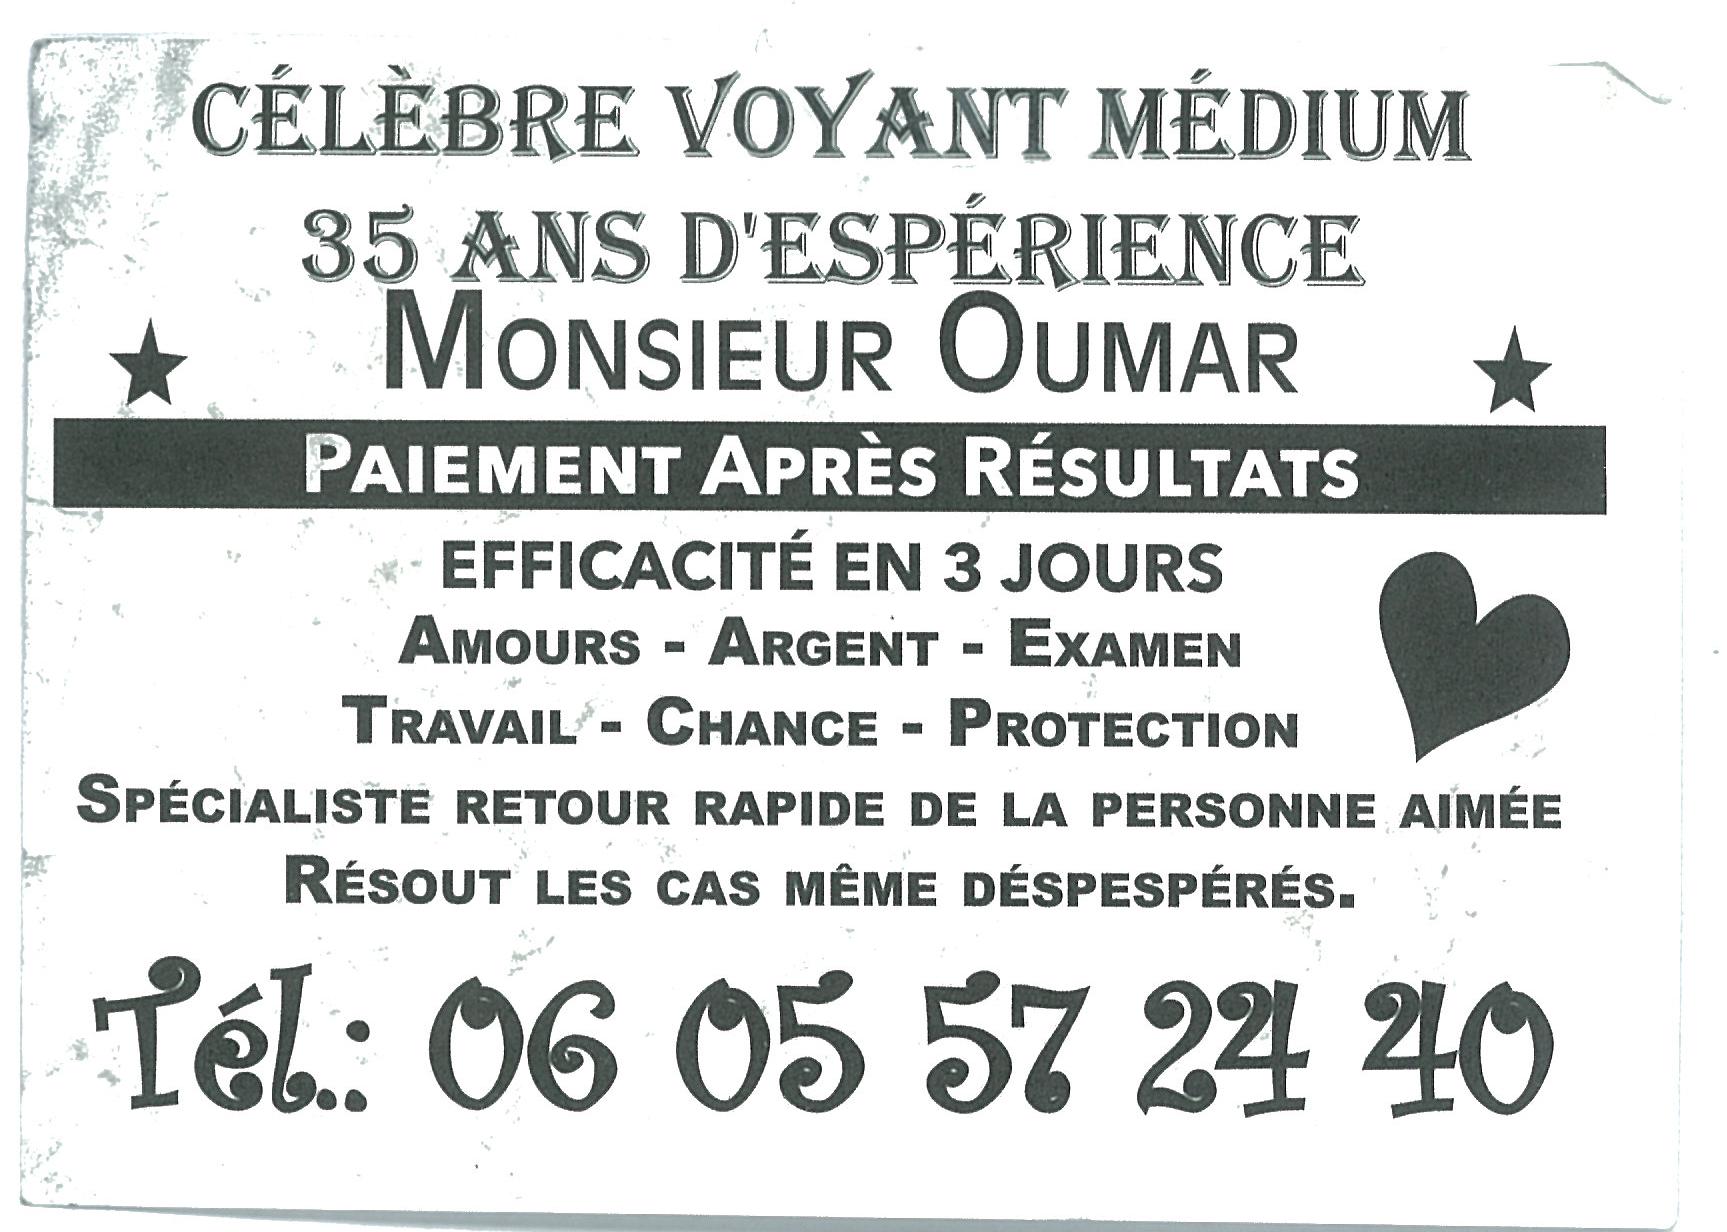 Monsieur Oumar